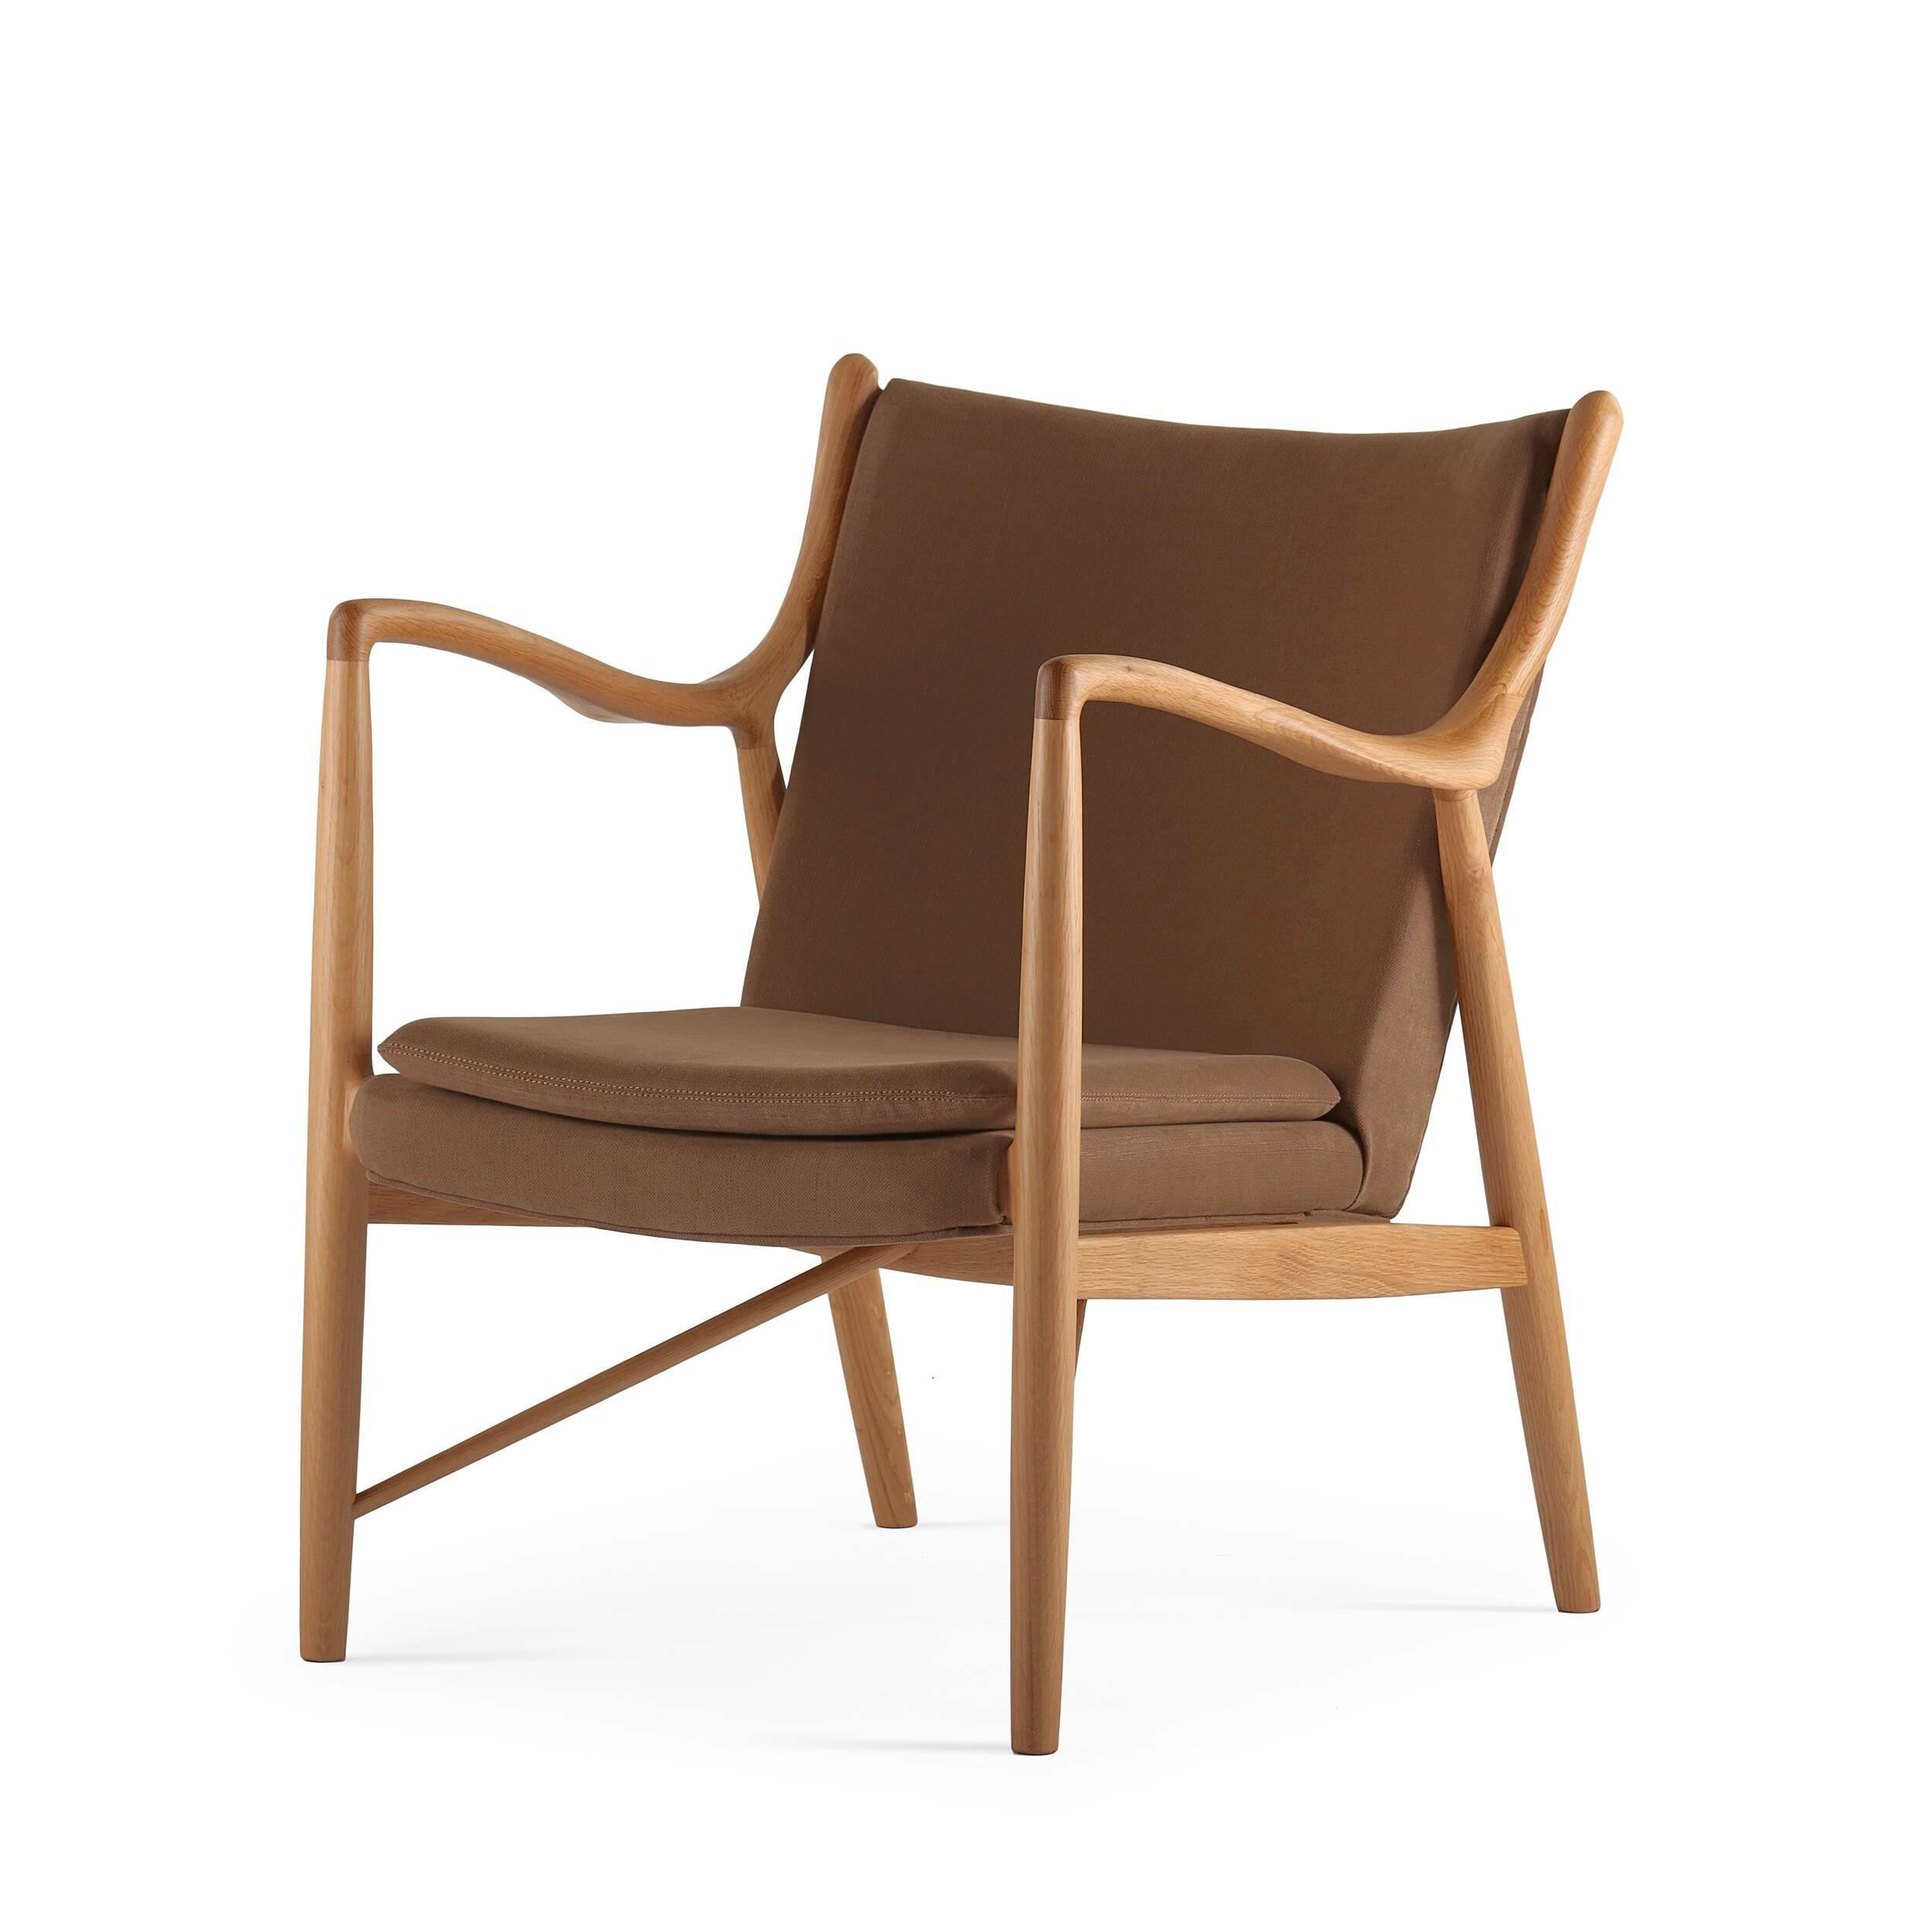 Кресло NV45Интерьерные<br>Дизайнерское элегантное легкое кресло NV45 (НВ45) с деревянной основой от Cosmo (Космо).<br><br><br> Финн Юль был пионером датского дизайна. В 1945 году он создал это фантастическое кресло, ставшее одной из первых работ, в которых он явно разрушал существовавшие традиции, освободив сиденье и спинку от несущей рамы. В результате получился простой и элегантный стул, который охарактеризовал весь стиль Финна Юля и сделал его всемирно известным дизайнером. Работа была названа просто: «45».<br><br><br> Мно...<br><br>stock: 0<br>Высота: 83<br>Высота сиденья: 42<br>Ширина: 71<br>Глубина: 76<br>Материал каркаса: Массив дуба<br>Материал обивки: Хлопок, Лен<br>Тип материала каркаса: Дерево<br>Коллекция ткани: Ray Fabric<br>Тип материала обивки: Ткань<br>Цвет обивки: Светло-коричневый<br>Цвет каркаса: Дуб